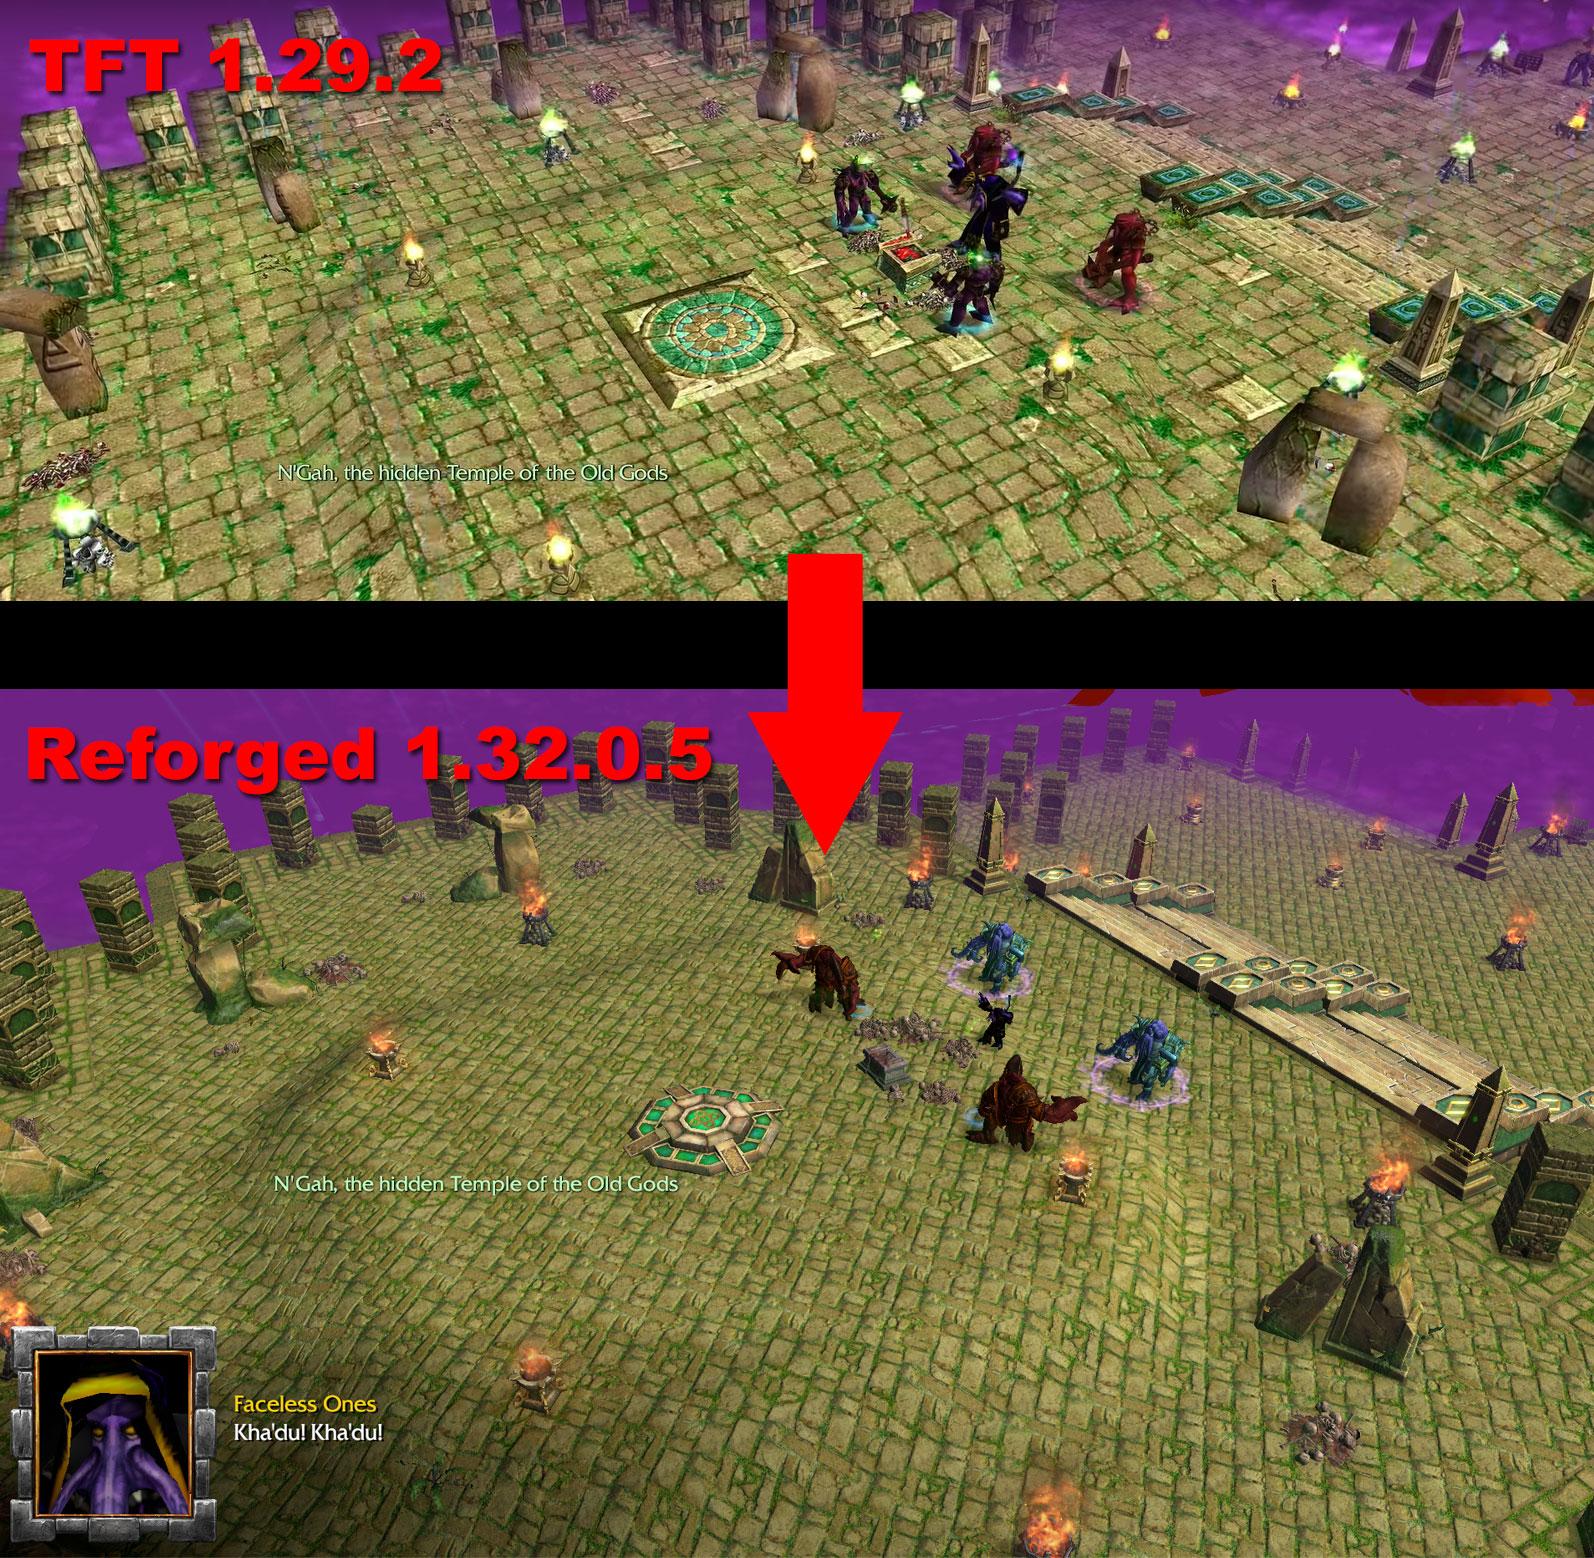 terrain-comparison-2.jpg